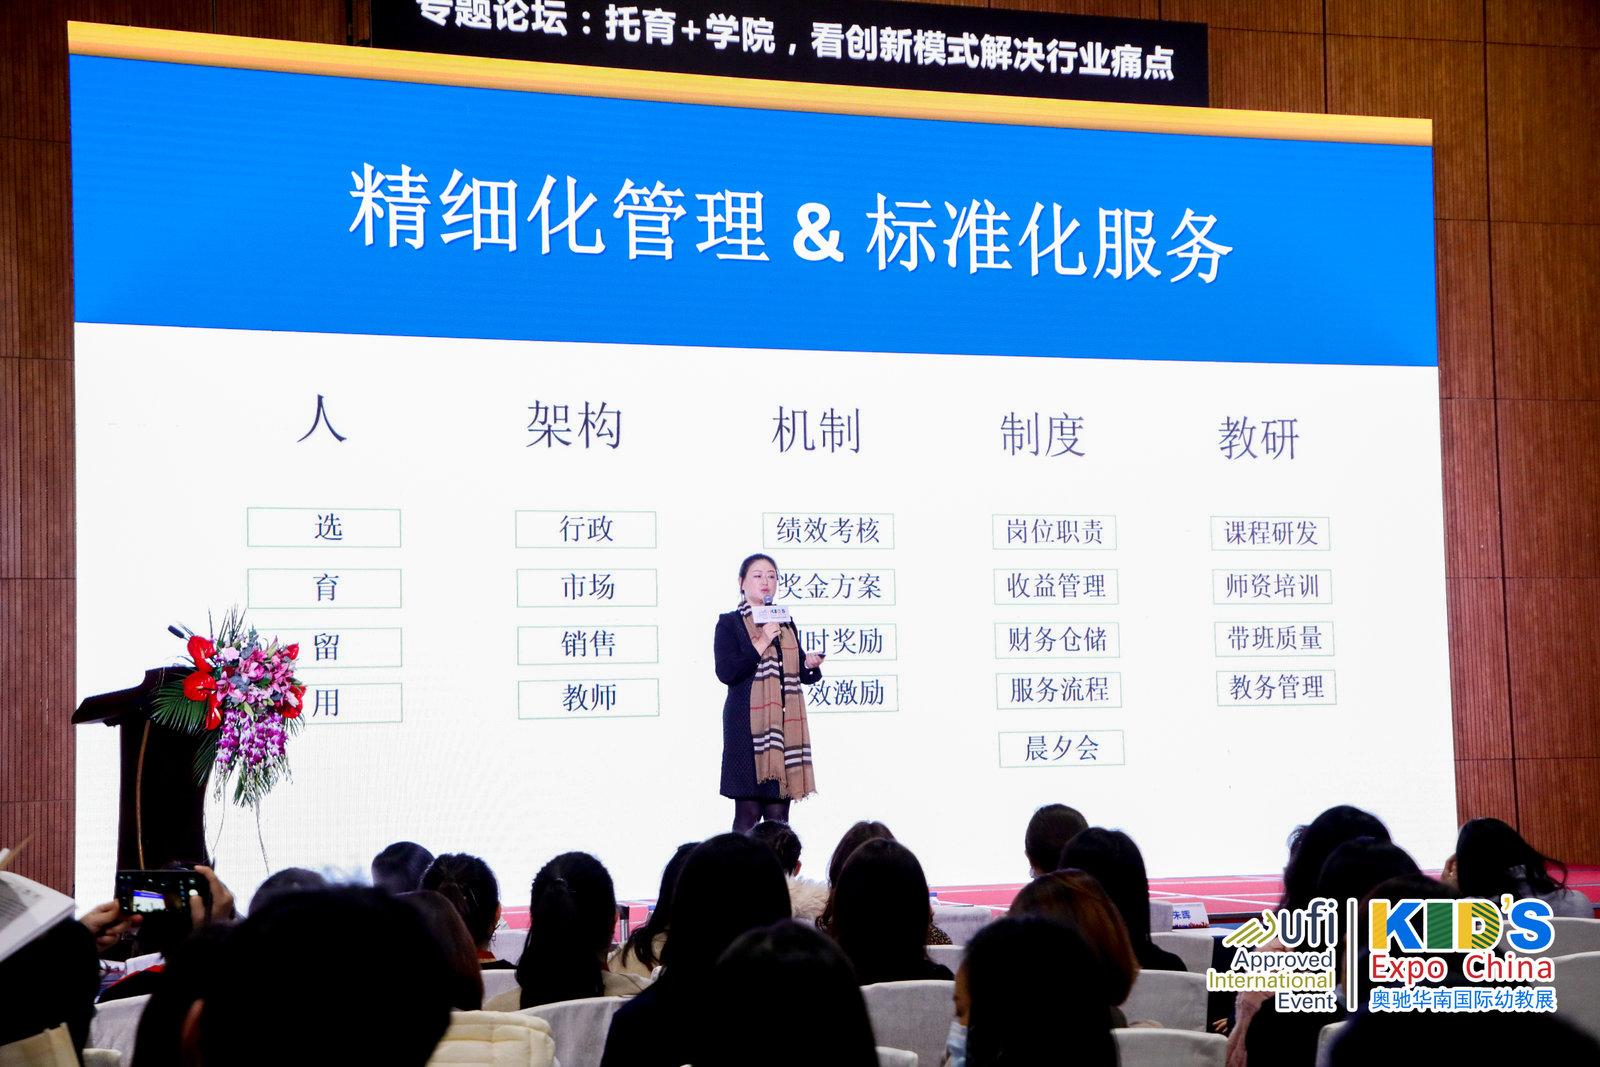 第十一届华南国际幼教展托育+学院3